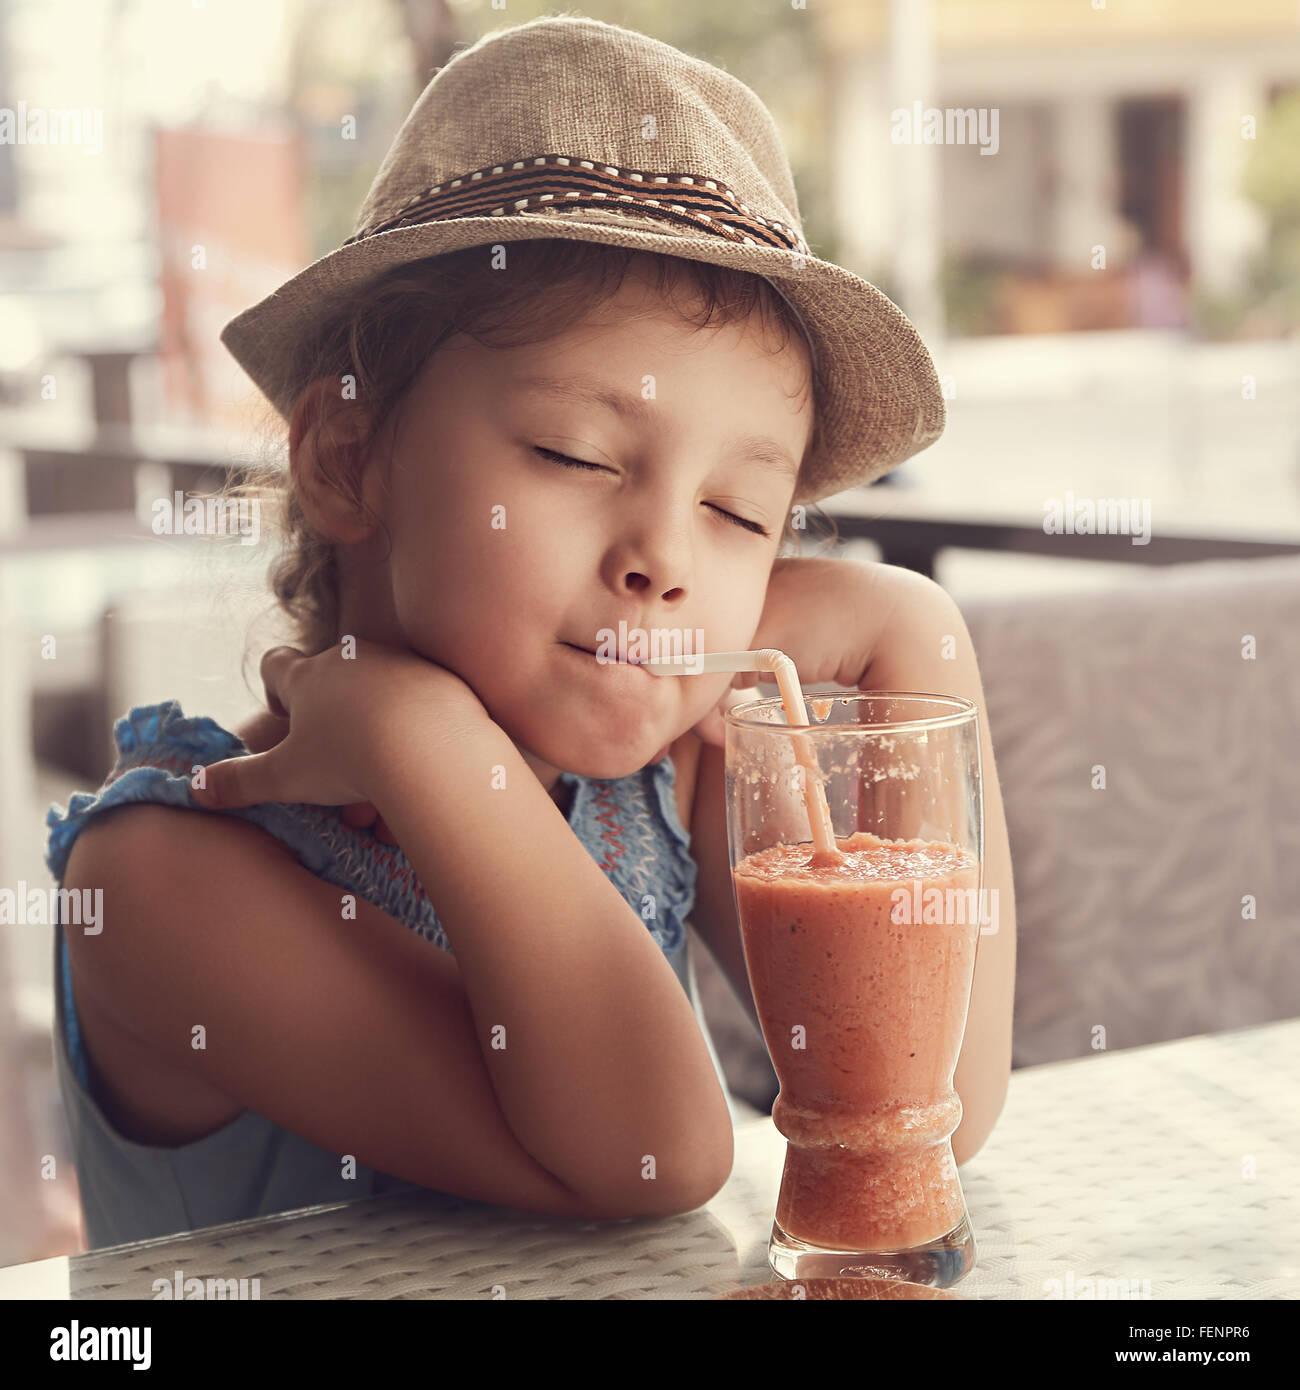 Felice godendo kid girl potabile naturale gustoso succo frullato con chiuso gli occhi rilassati in street restaurant Immagini Stock